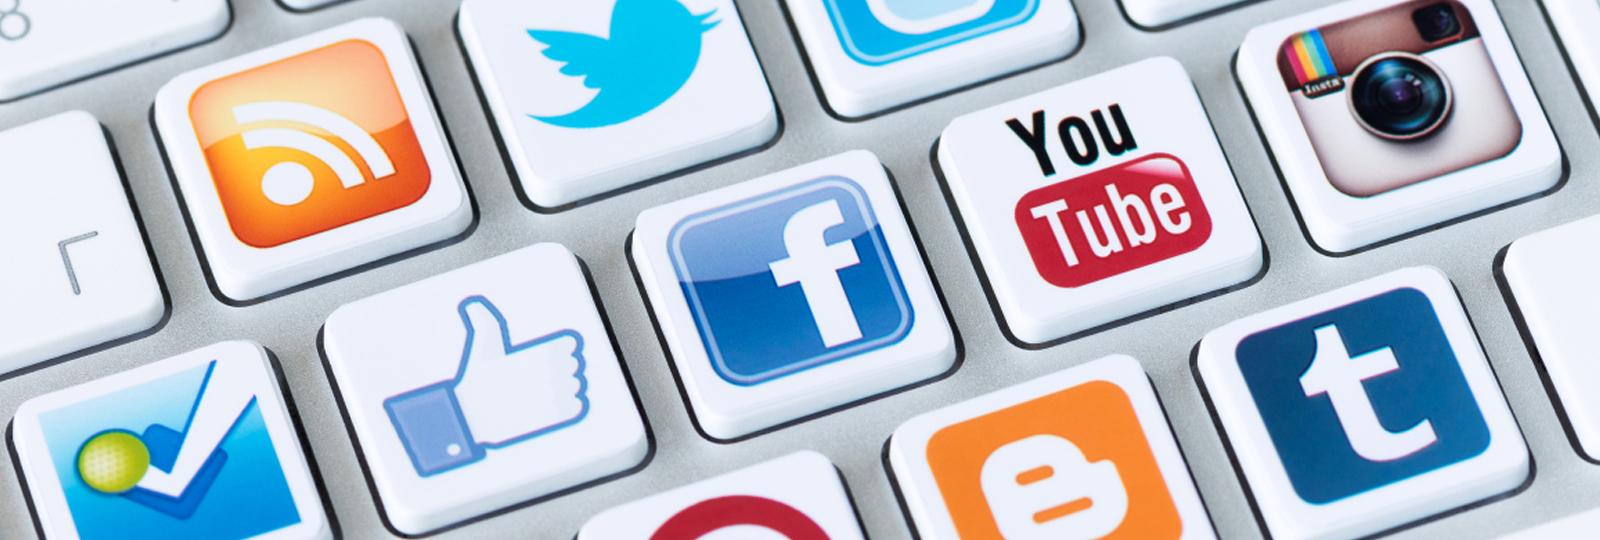 1092:Guia de Postura nas Redes Sociais